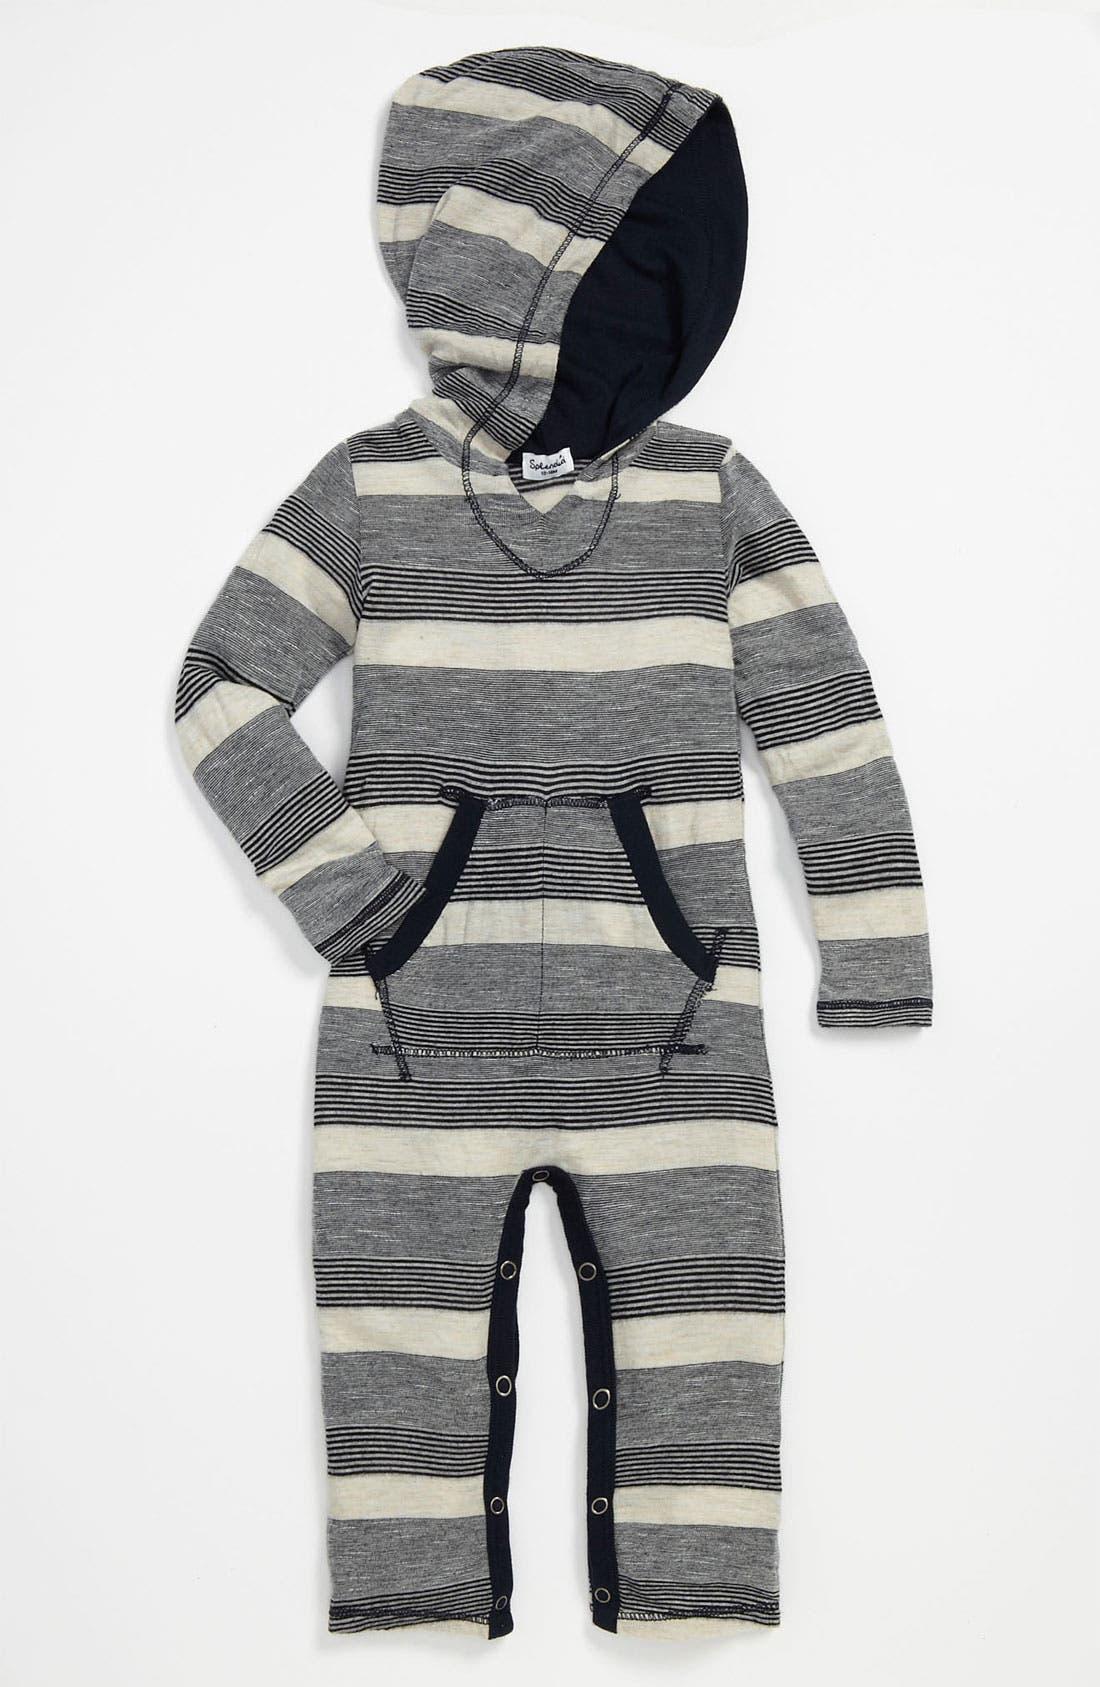 Alternate Image 1 Selected - Splendid Hooded Romper (Infant)